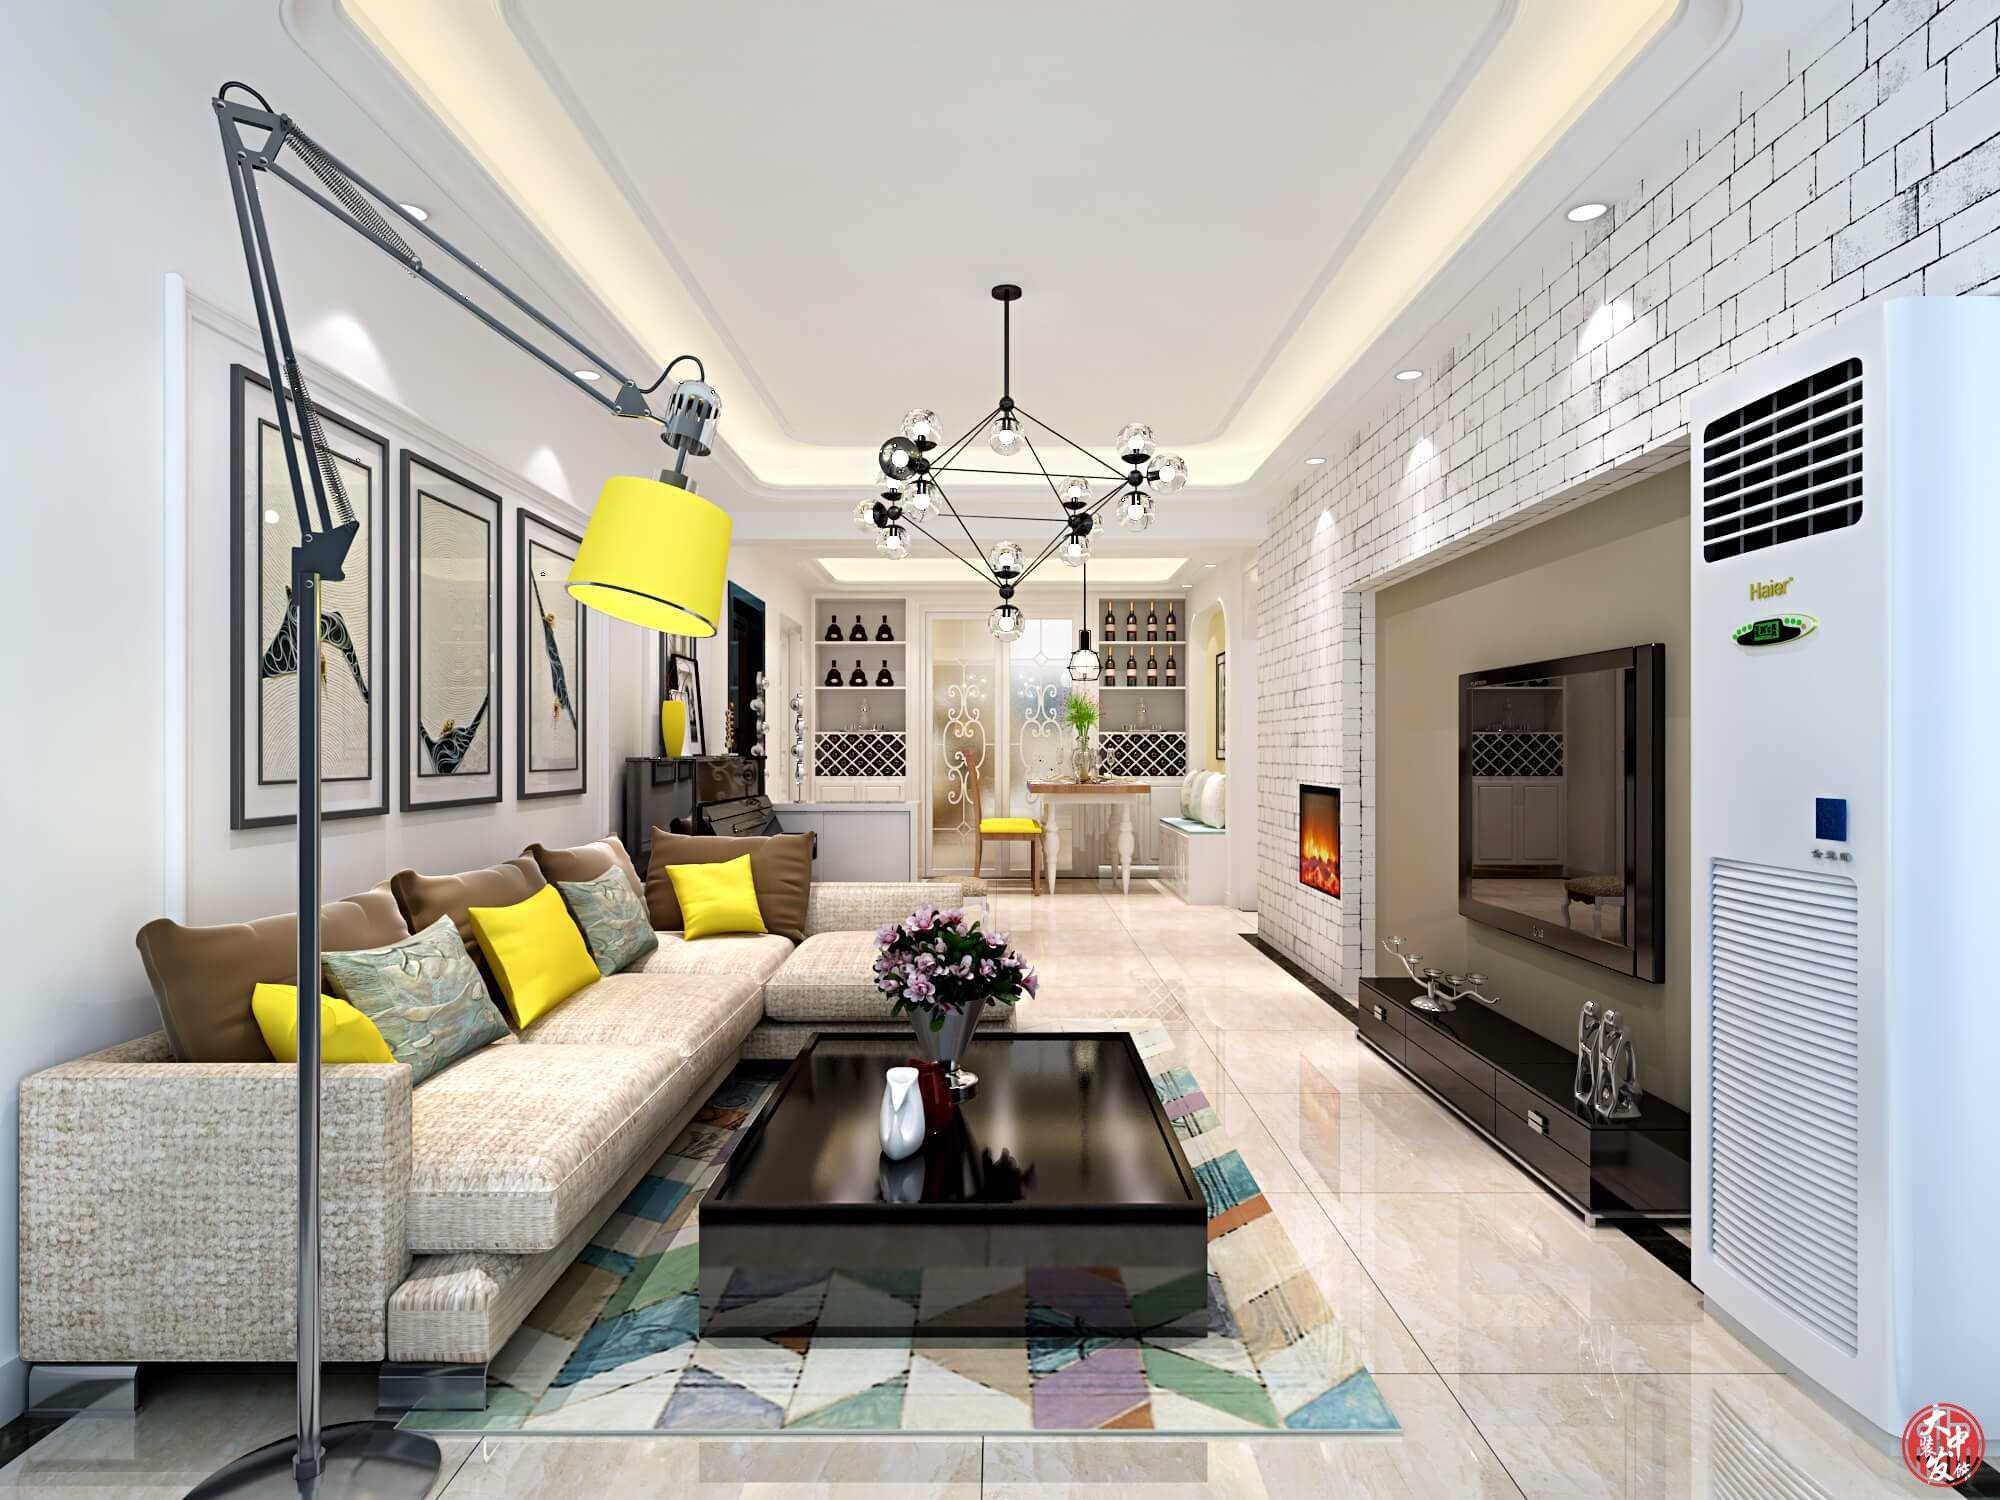 现代简约装修风格-室内格局装饰知识要点!